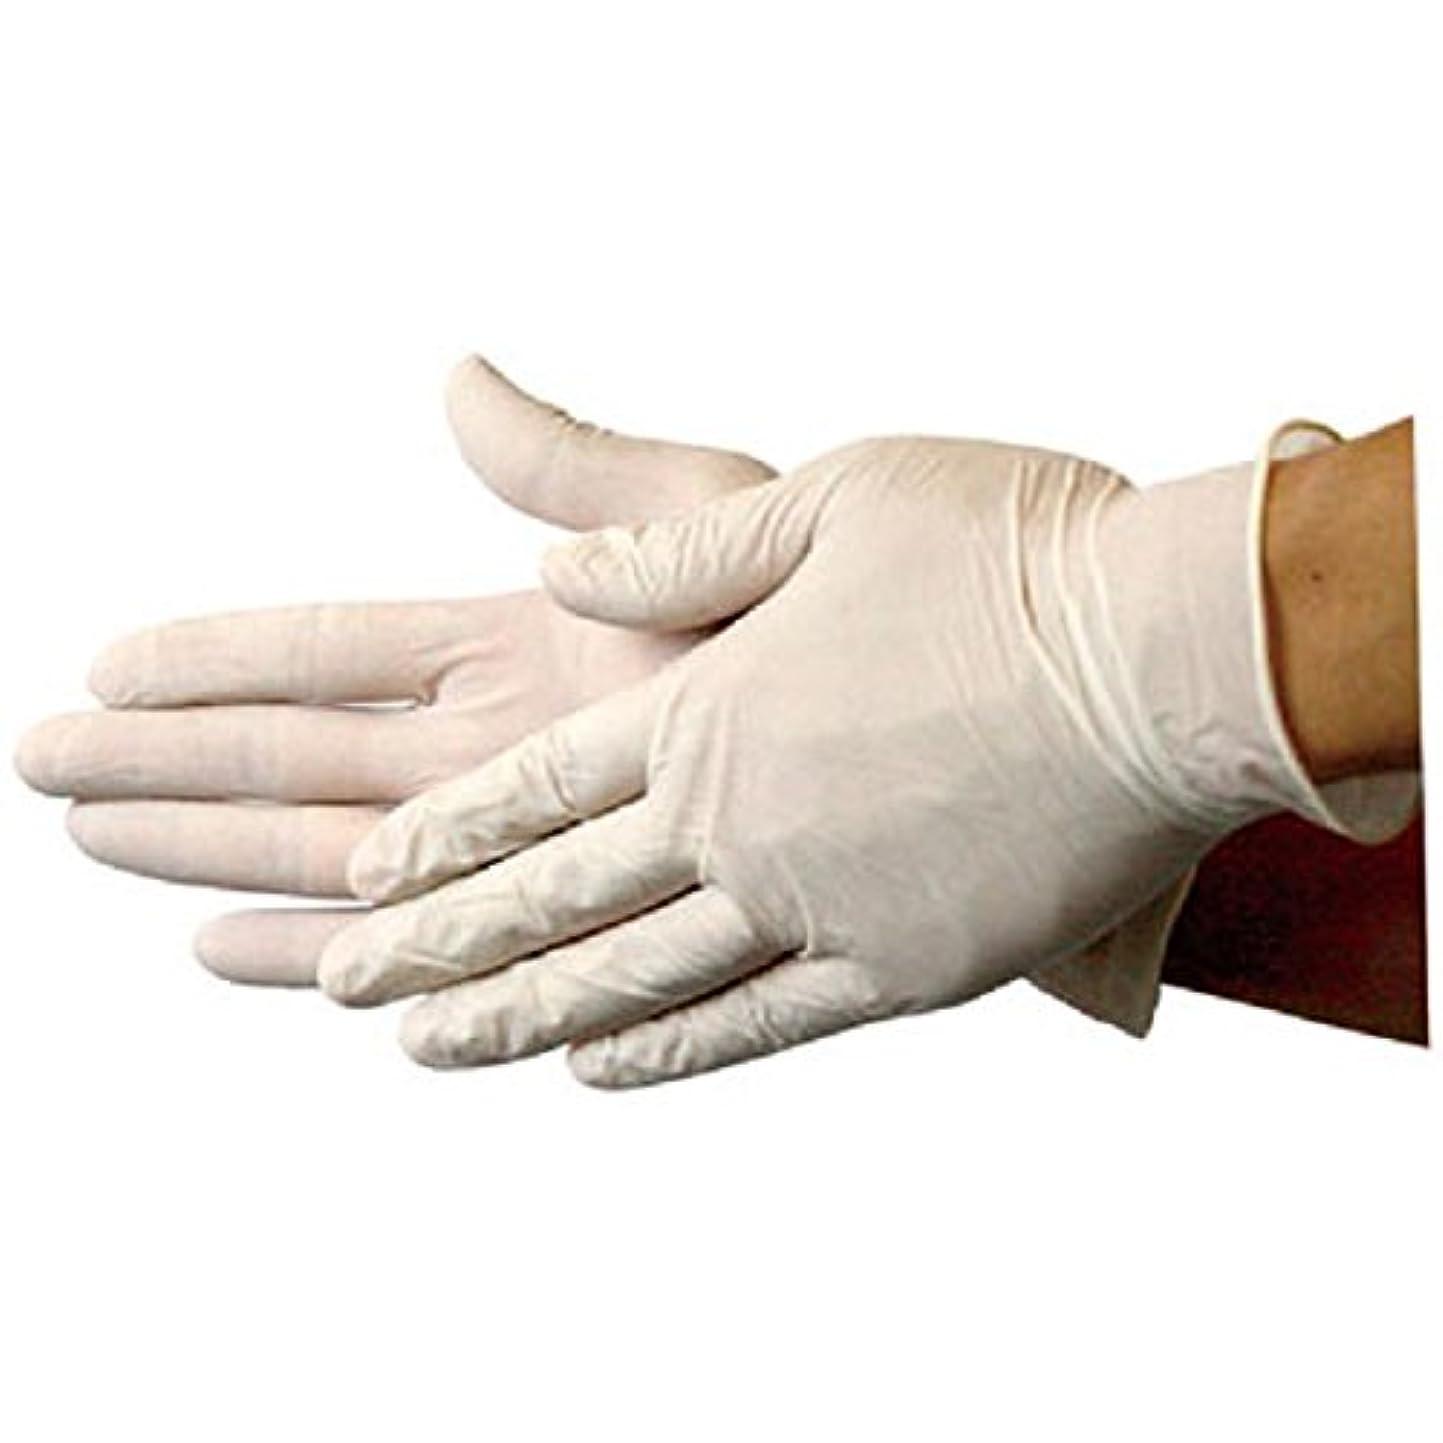 アベニューテロ耐えられるラテックス手袋(S) 100枚 業務用手袋(EG?????750白)